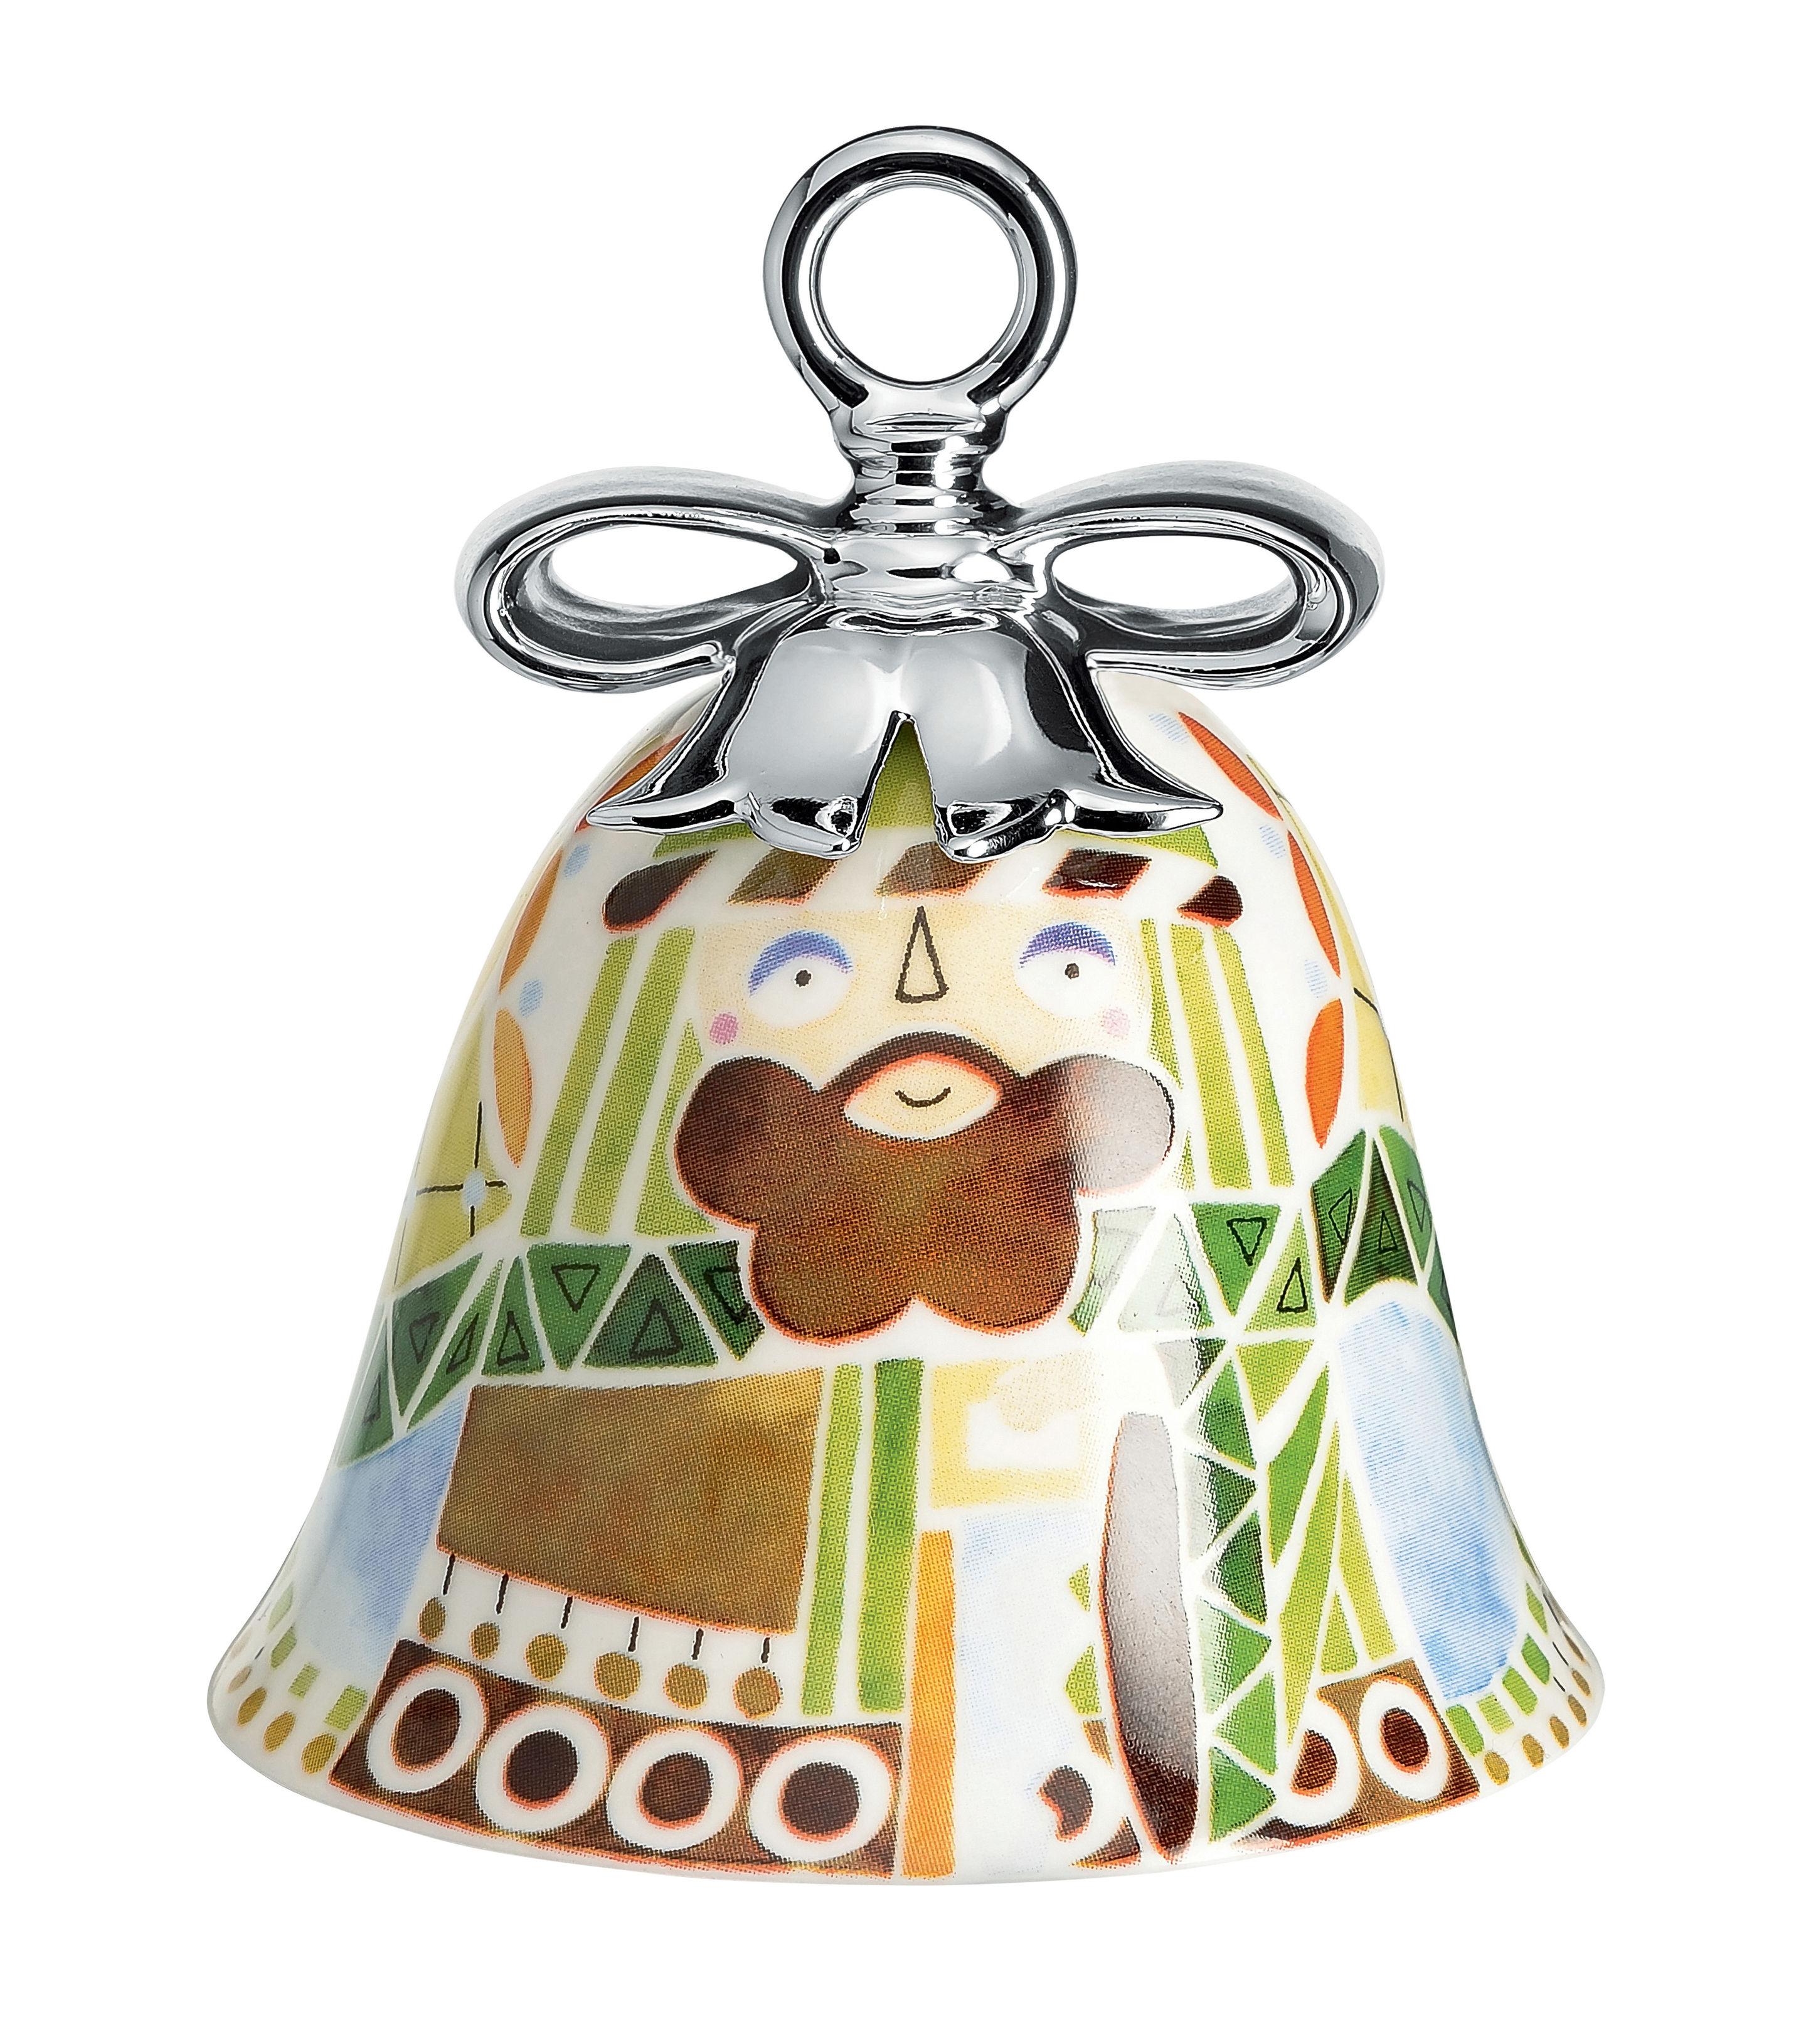 Déco - Objets déco et cadres-photos - Boule de Noël Holy Family / Cloche Joseph - Porcelaine peinte main - Alessi - Joseph / Multicolore - Porcelaine peinte